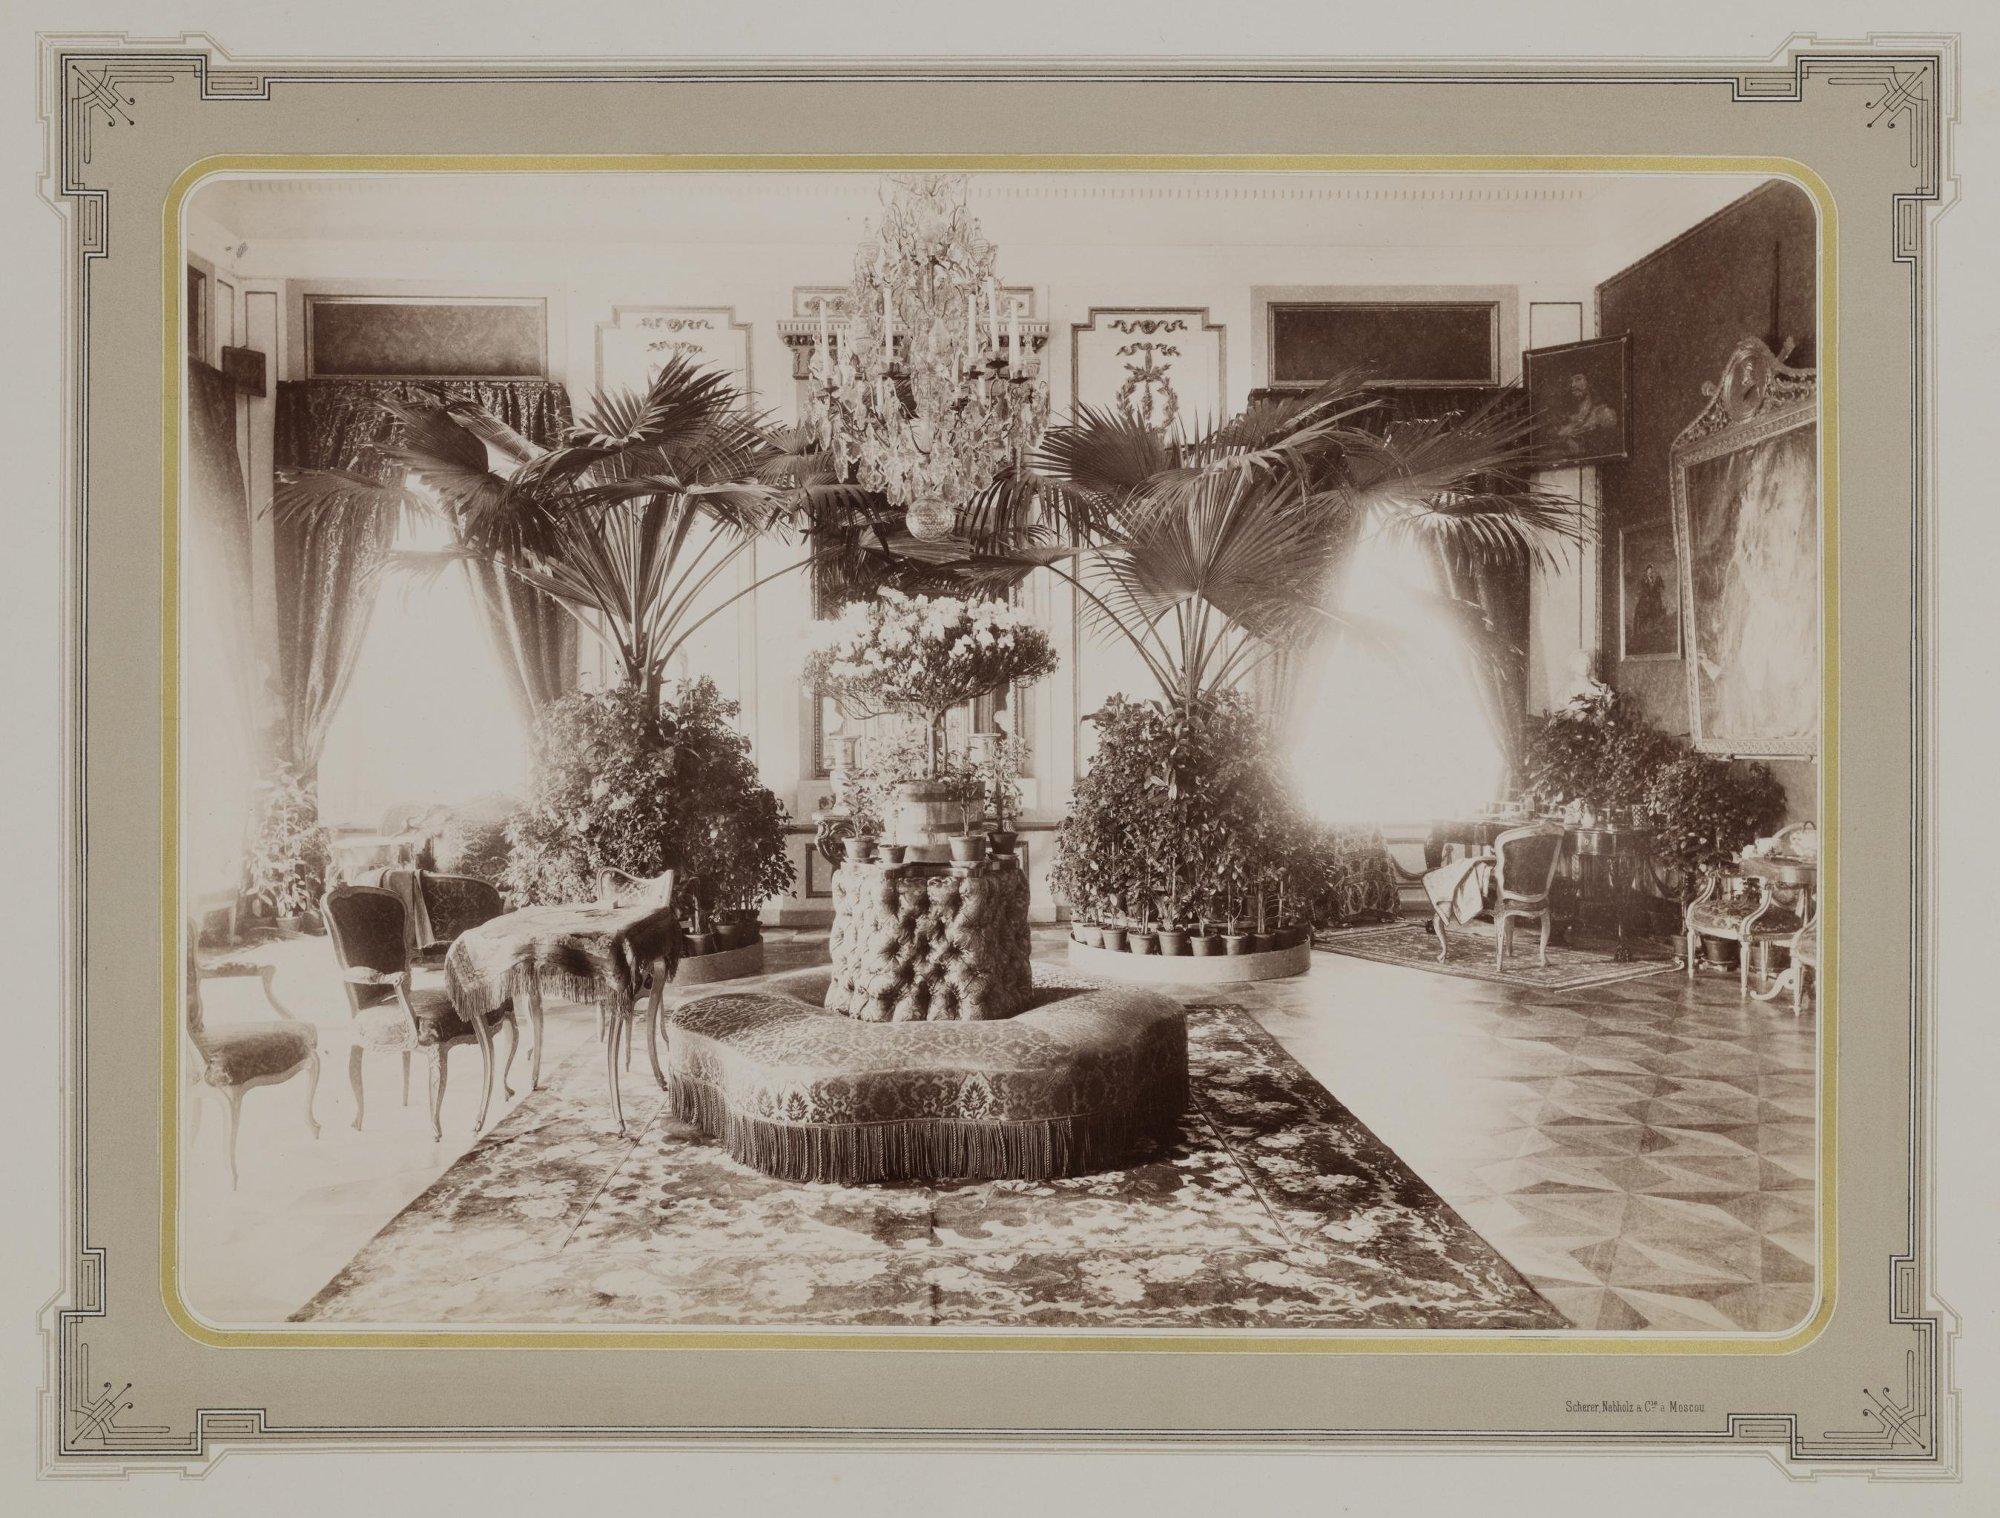 1883-1886. Усадьба Кусково. Дворец. Малиновая гостиная